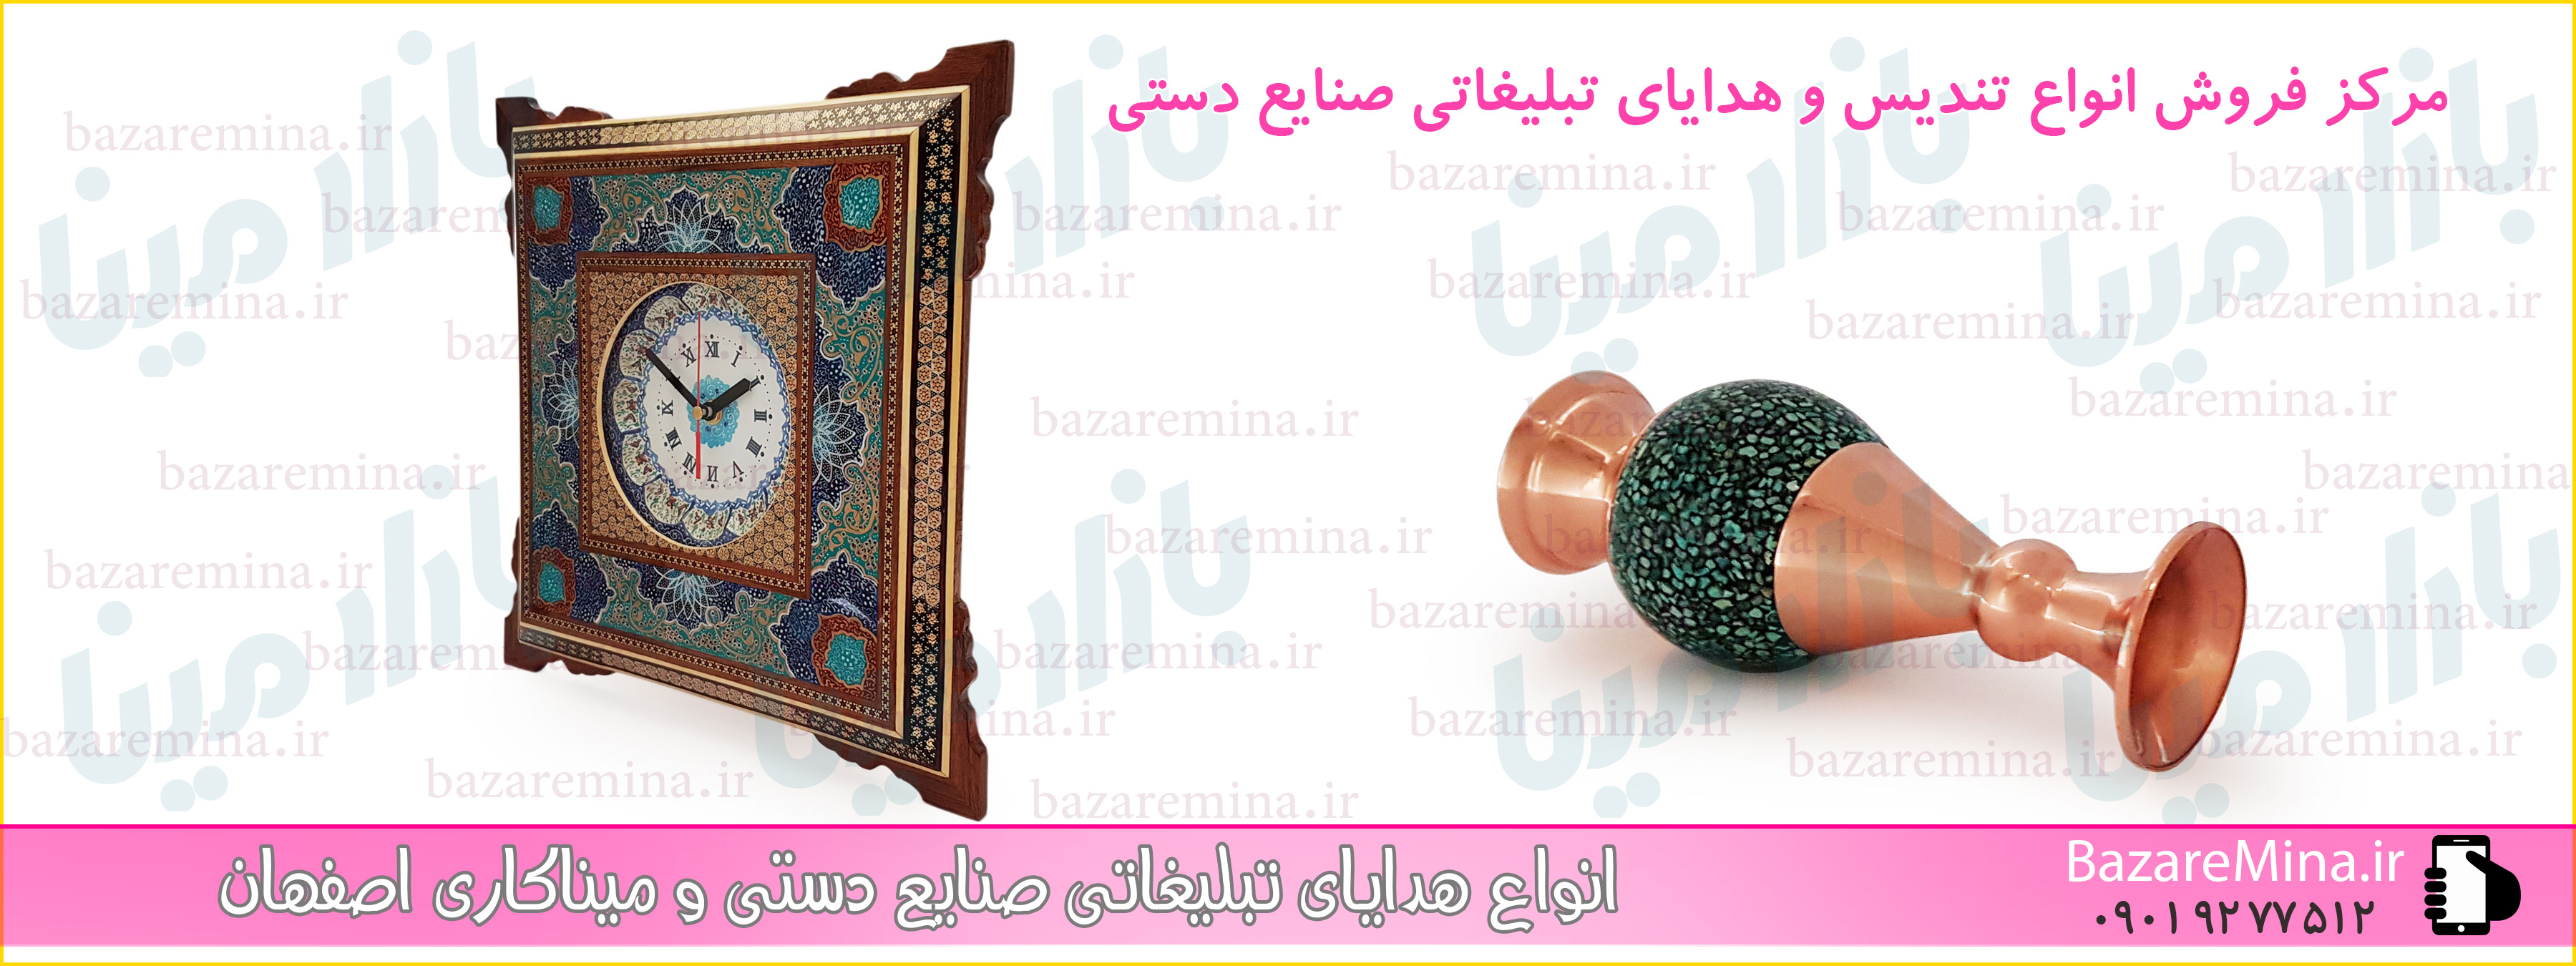 هدایای تبلیغاتی تهران